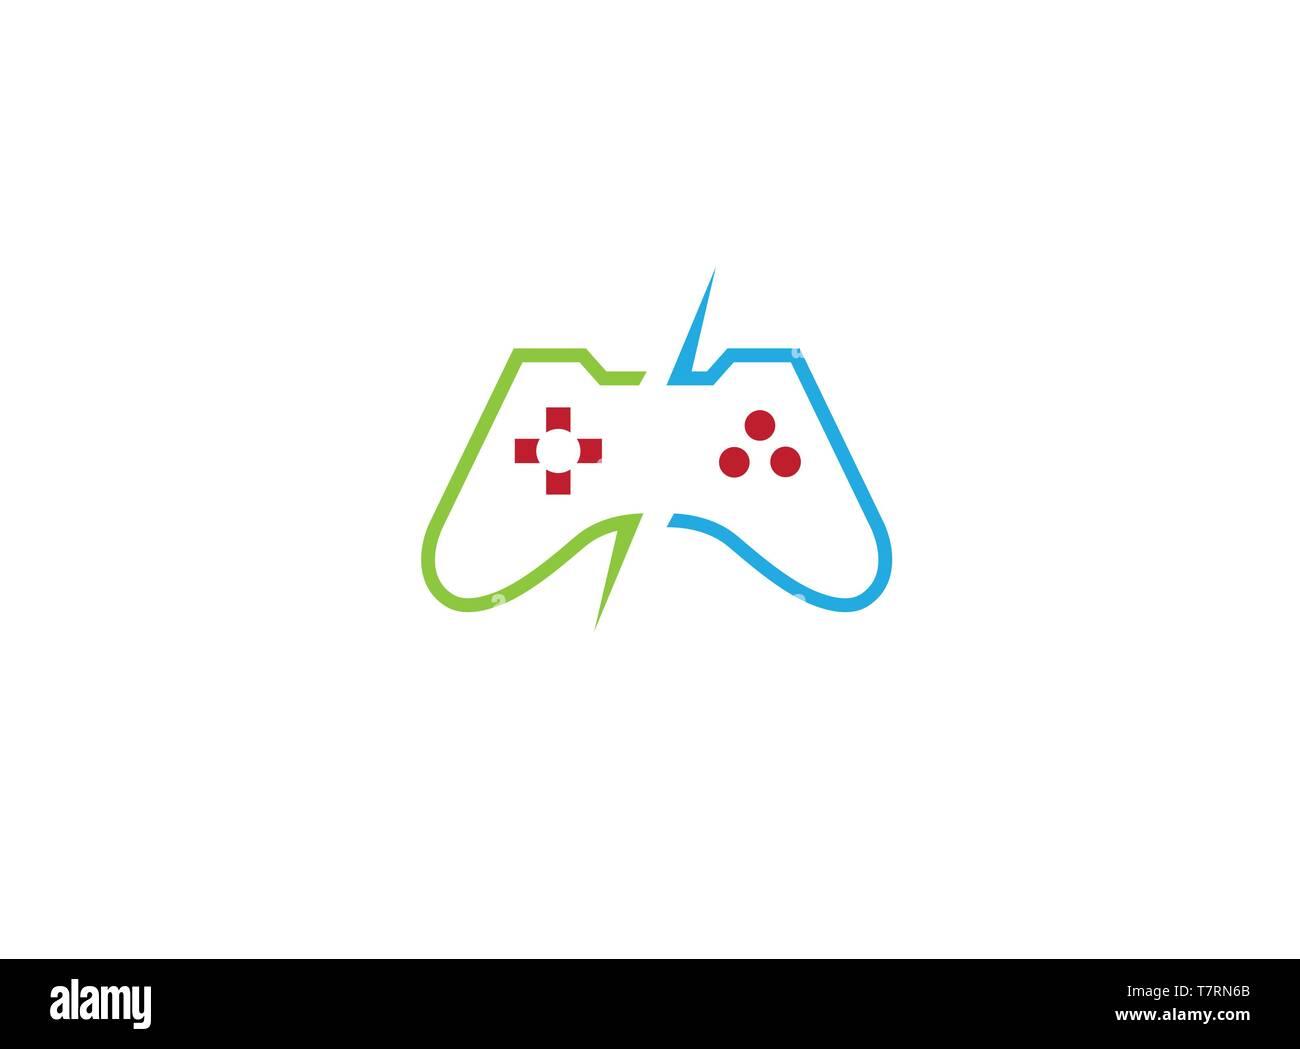 Console video games a controller gadget for logo - Stock Vector